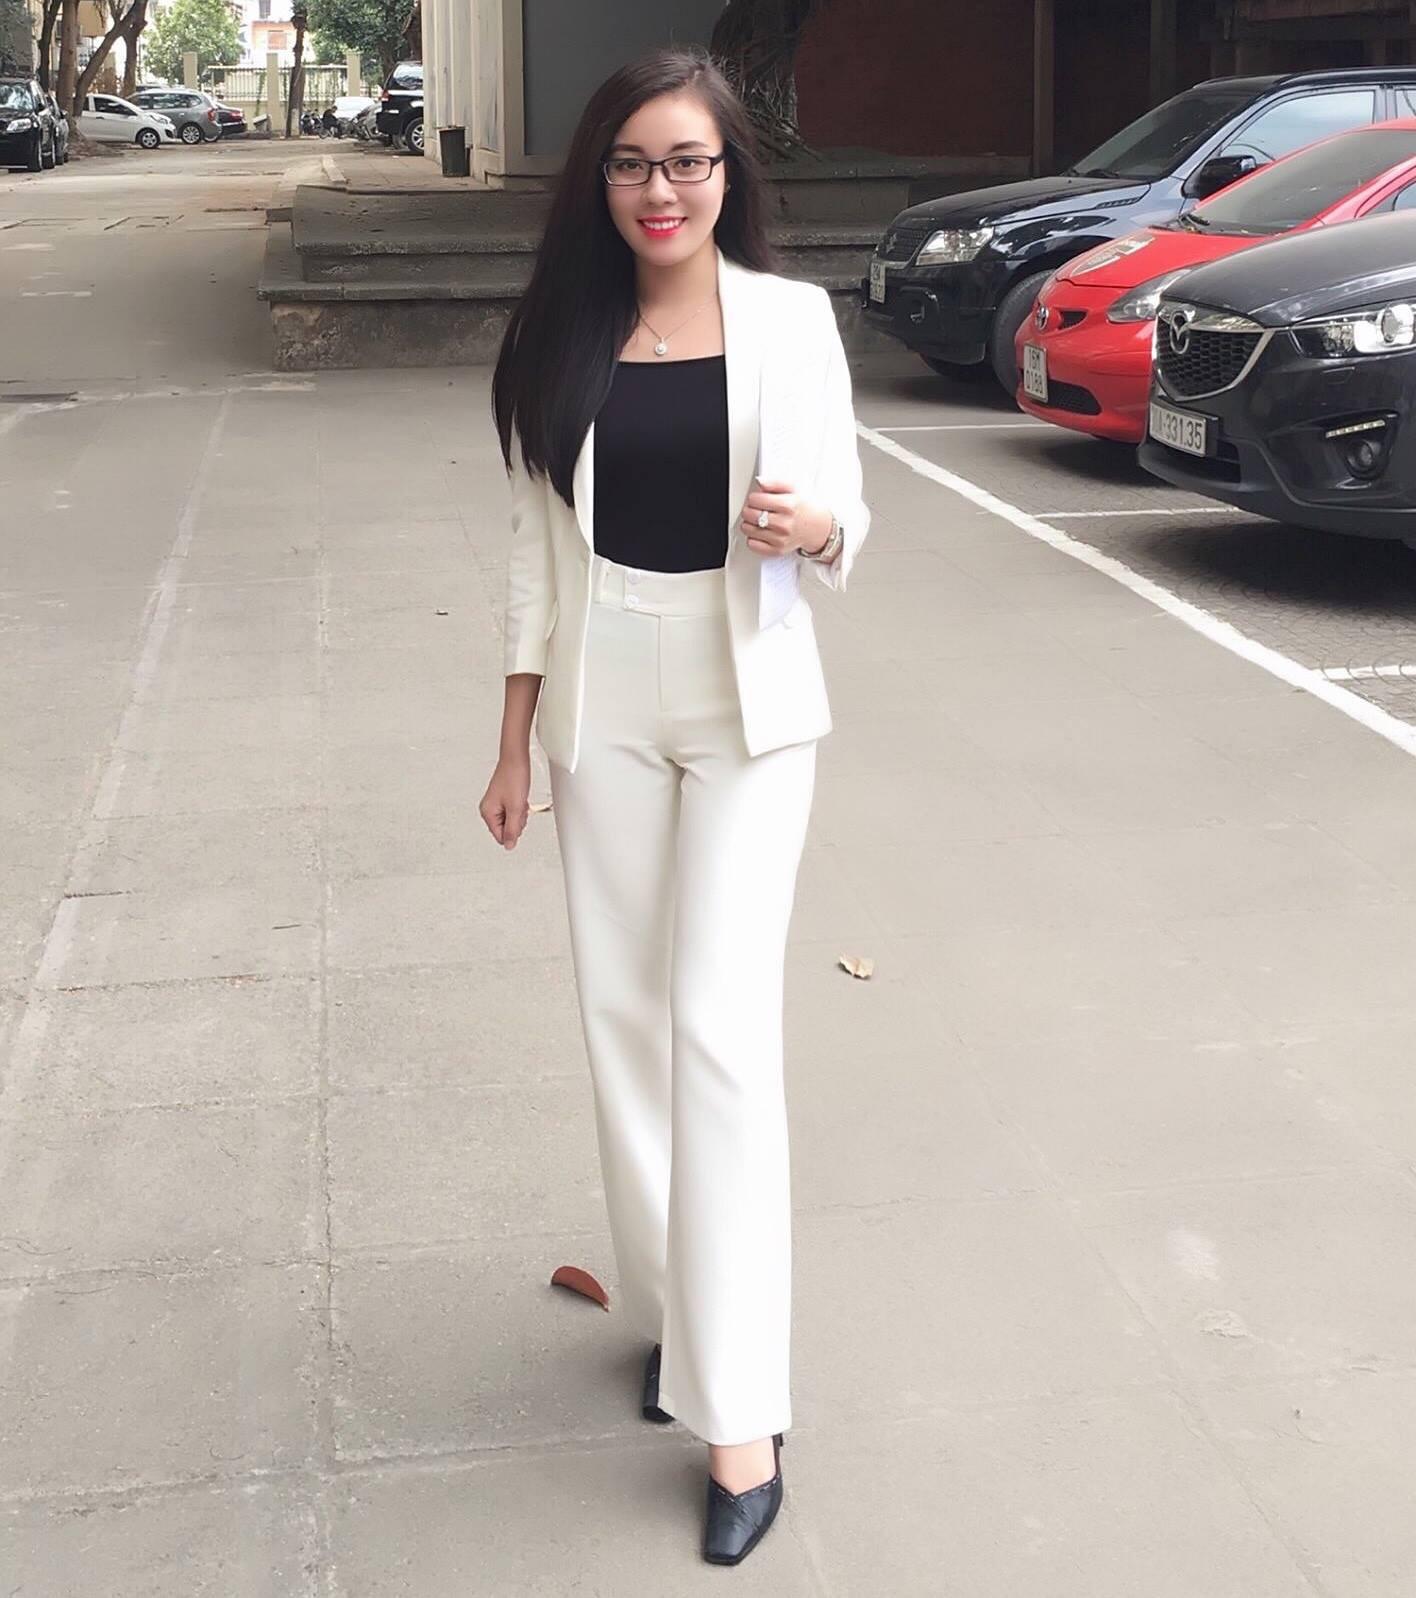 Nữ giảng viên ĐH Quốc gia Hà Nội gây chú ý với vẻ ngoài nóng bỏng 5